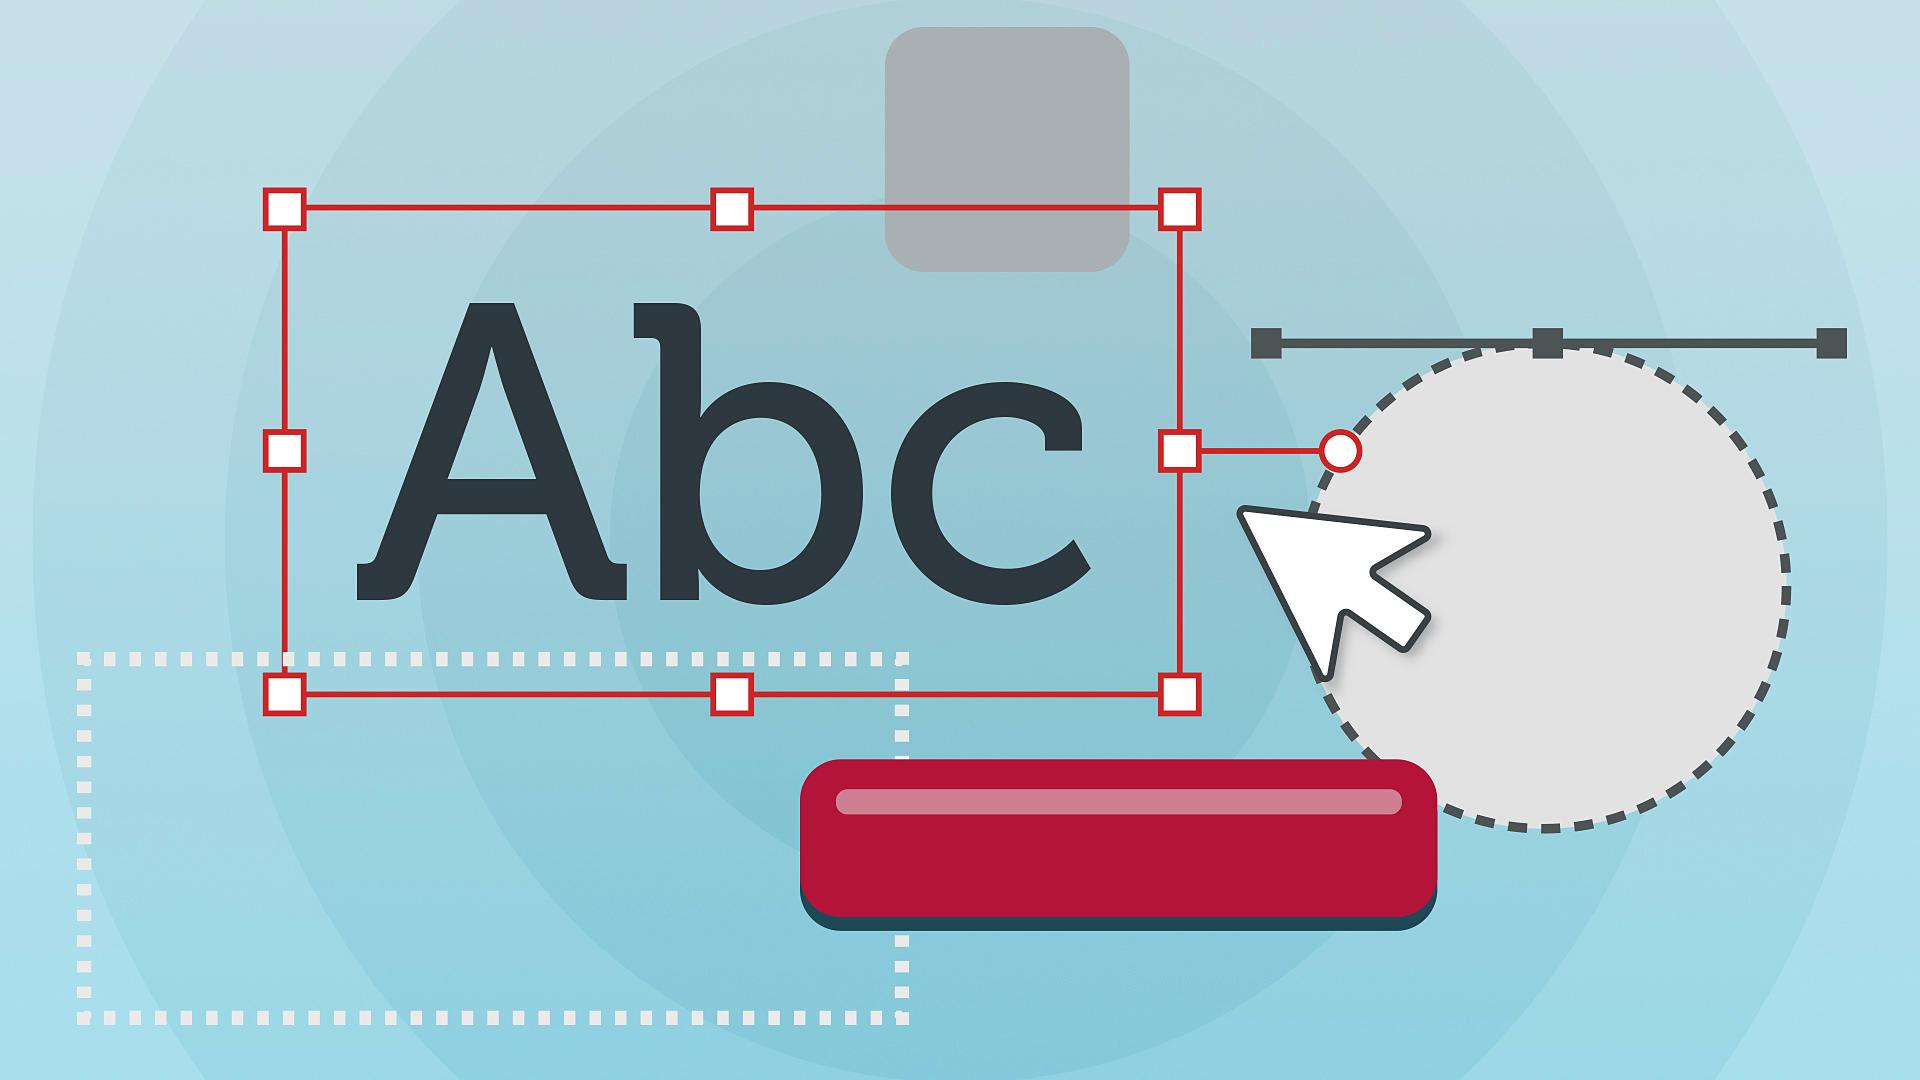 Вебинар Векторная графика в веб-дизайне: основы и практика фото